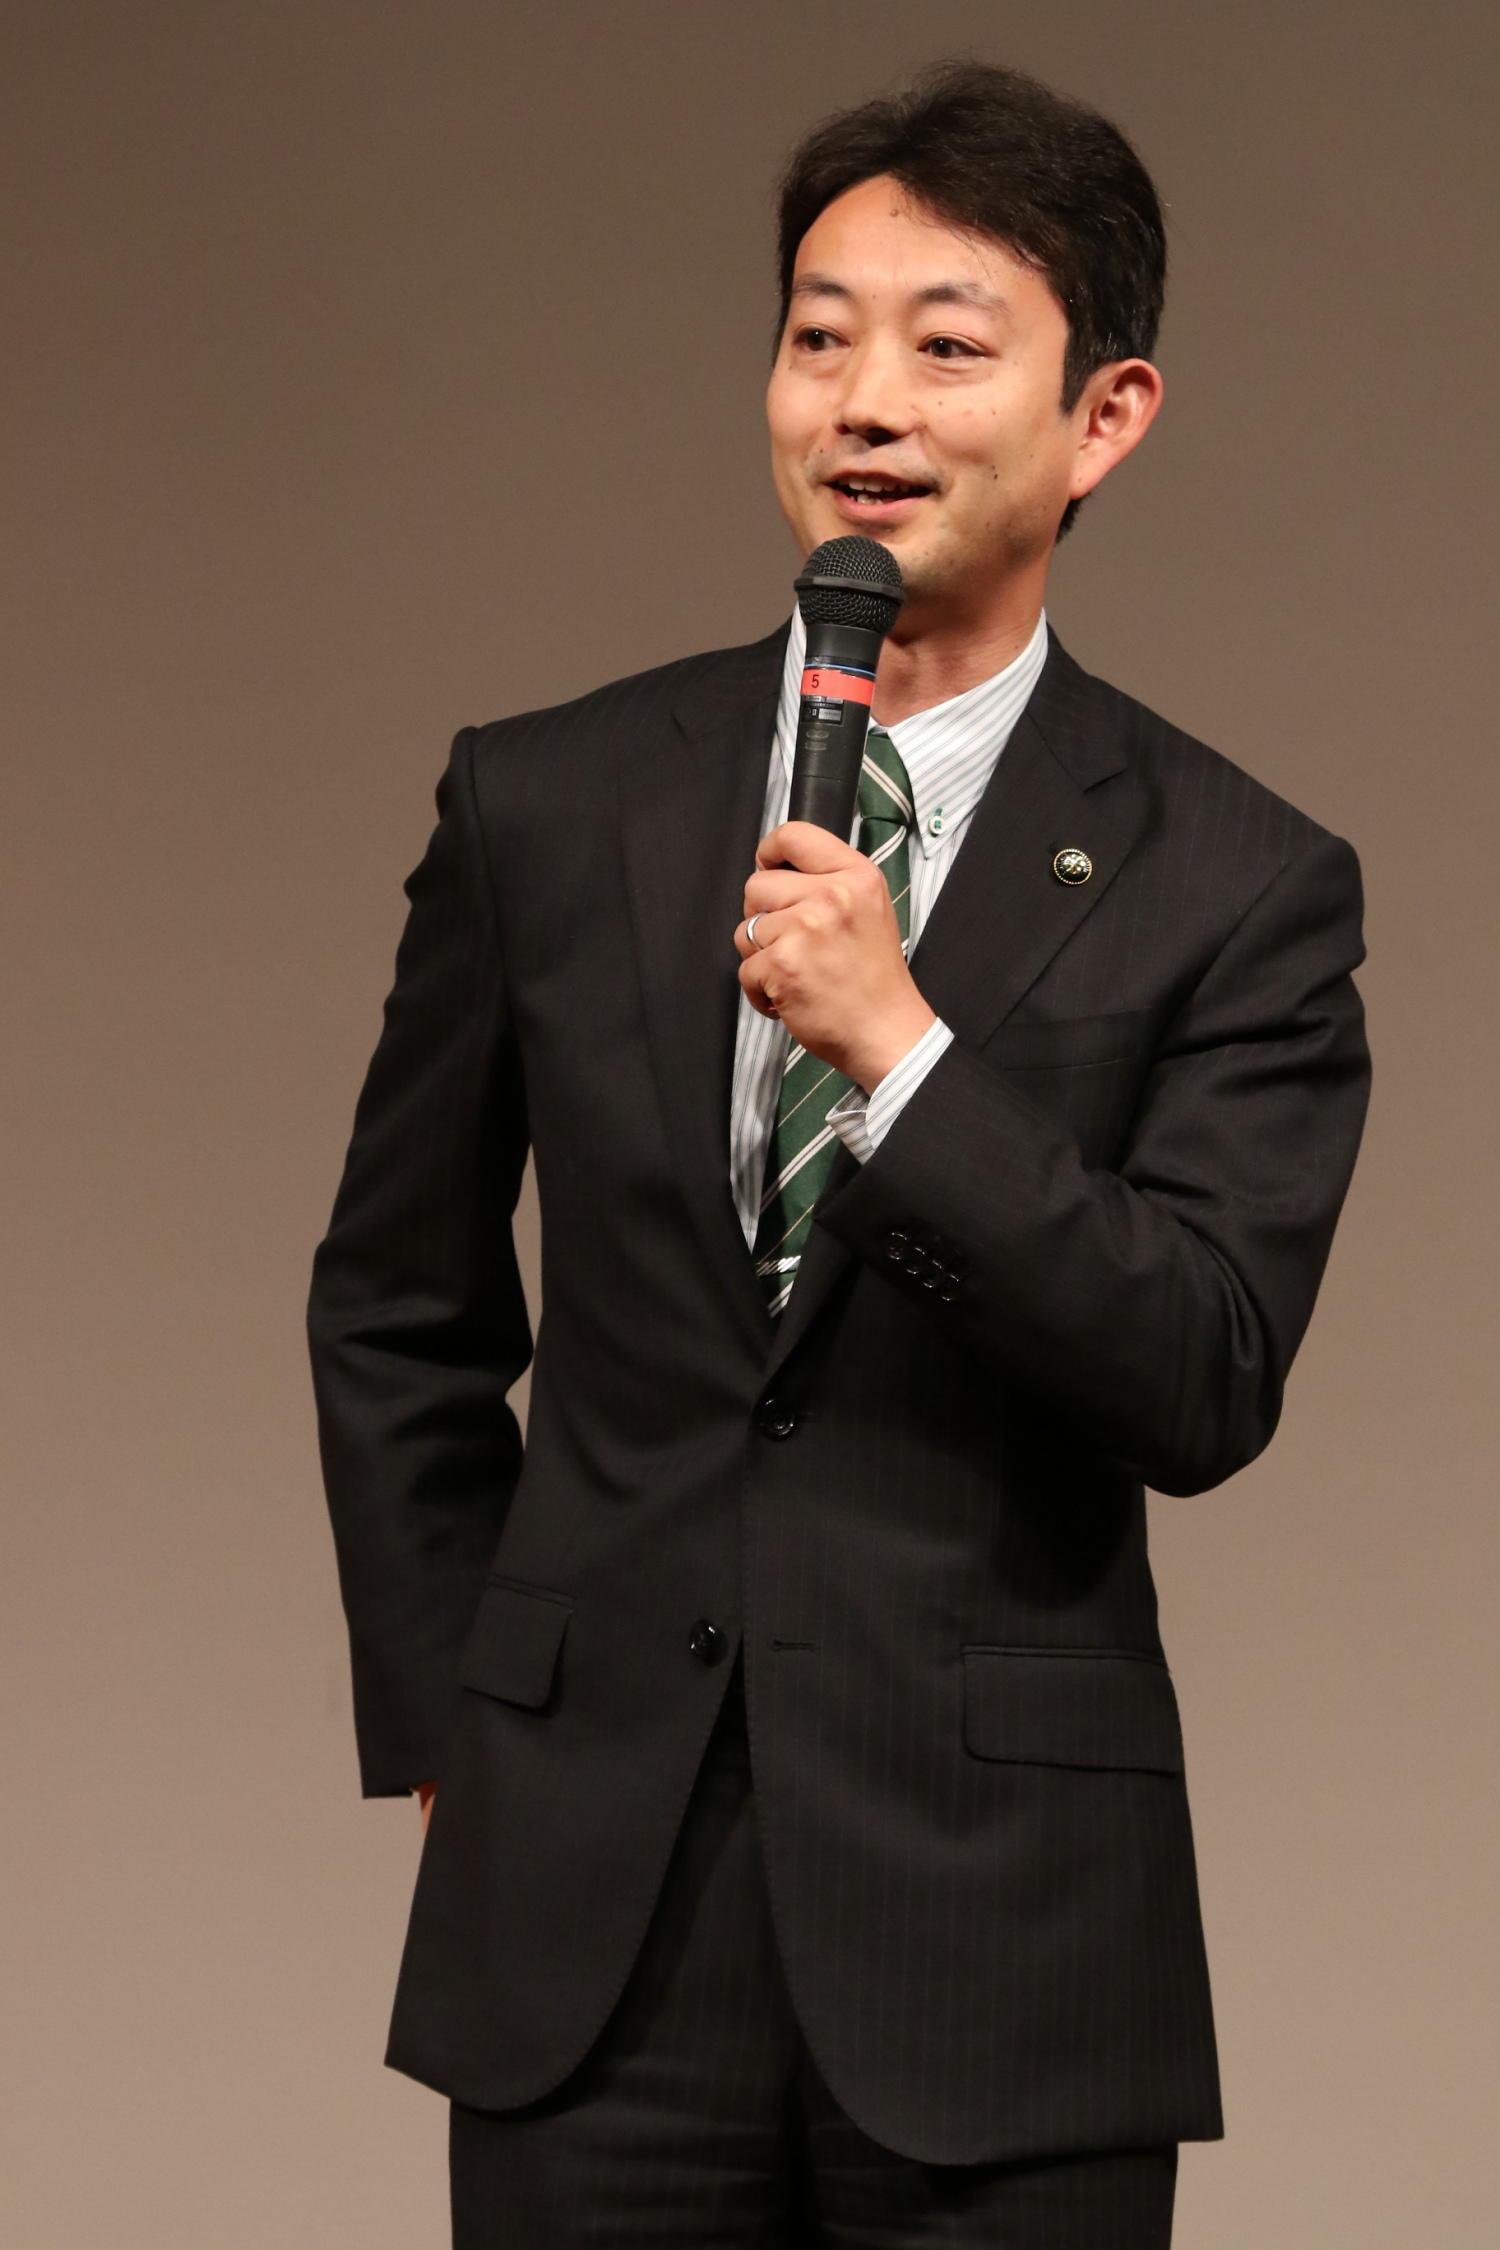 http://news.yoshimoto.co.jp/20180107132240-2292865cbc309121d7577dc41eec0891b607cfe4.jpg